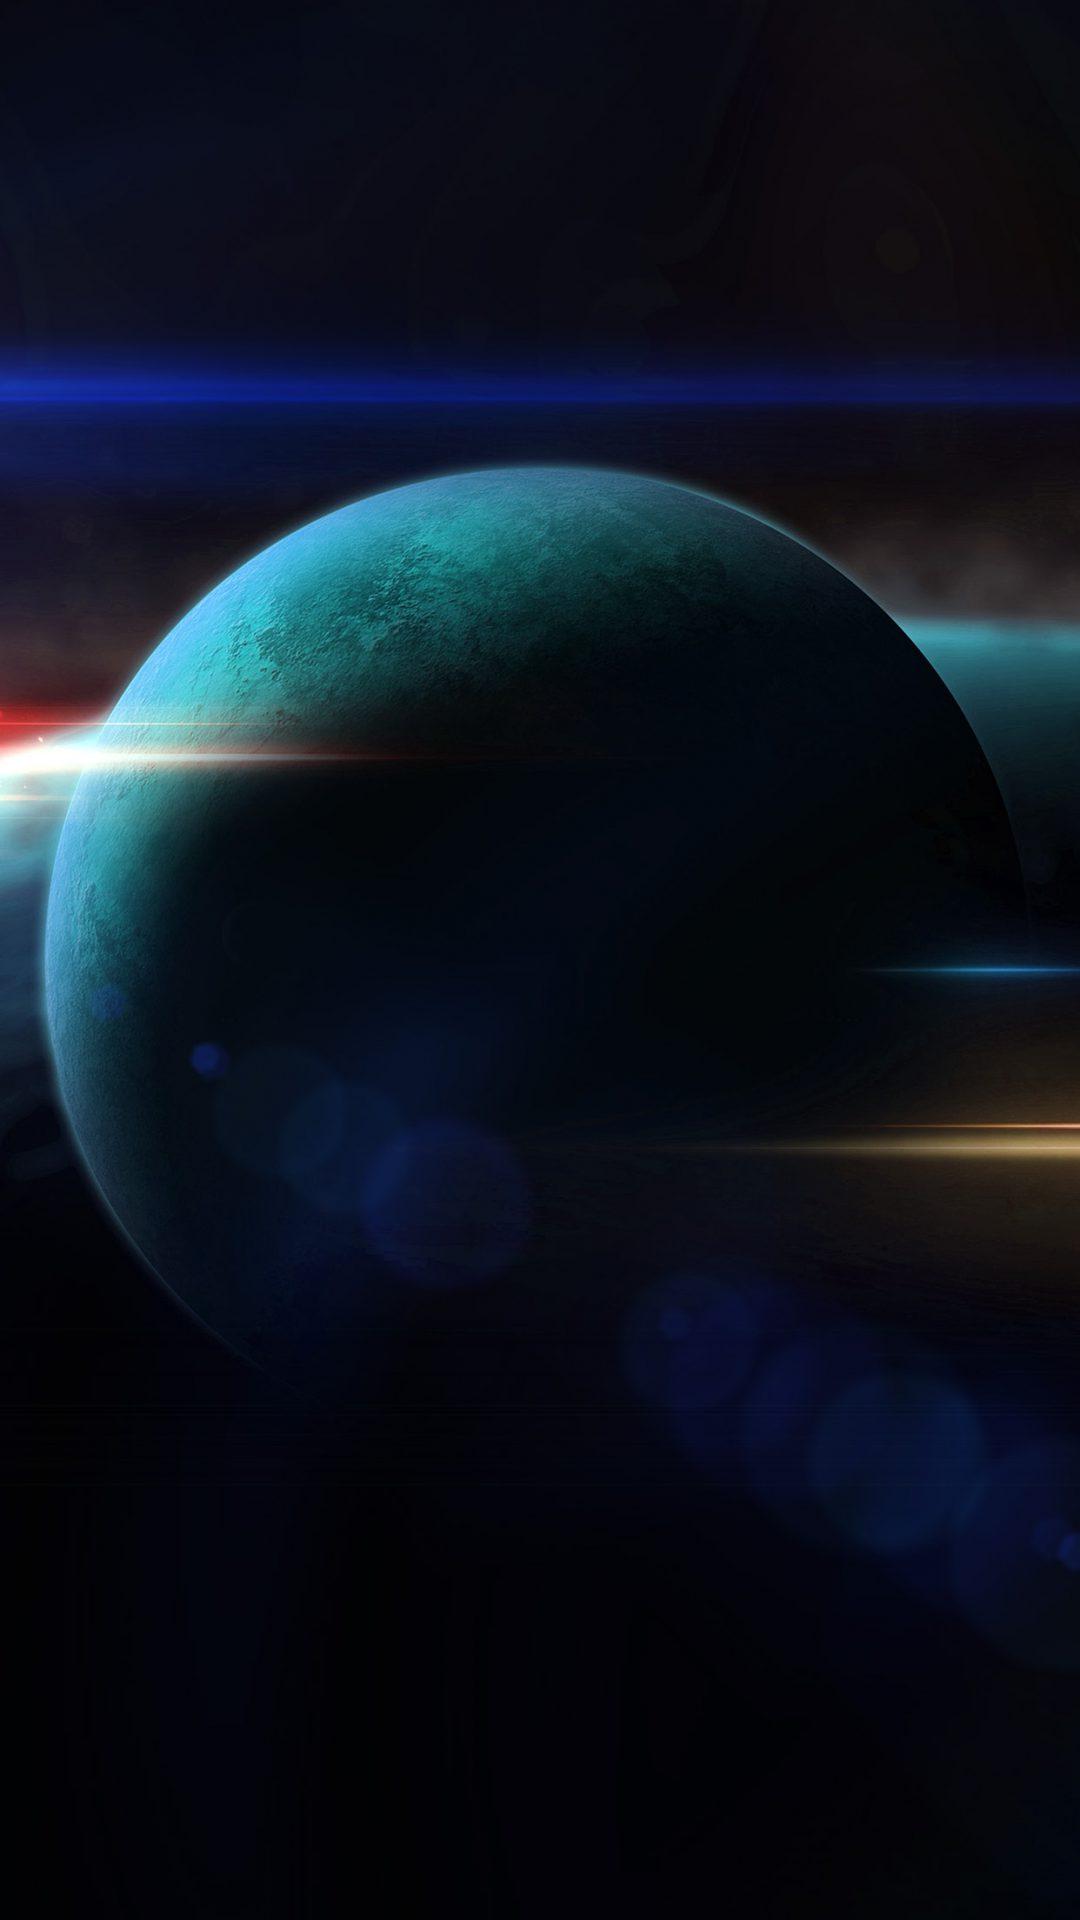 Universe Nasa Space Planet Art